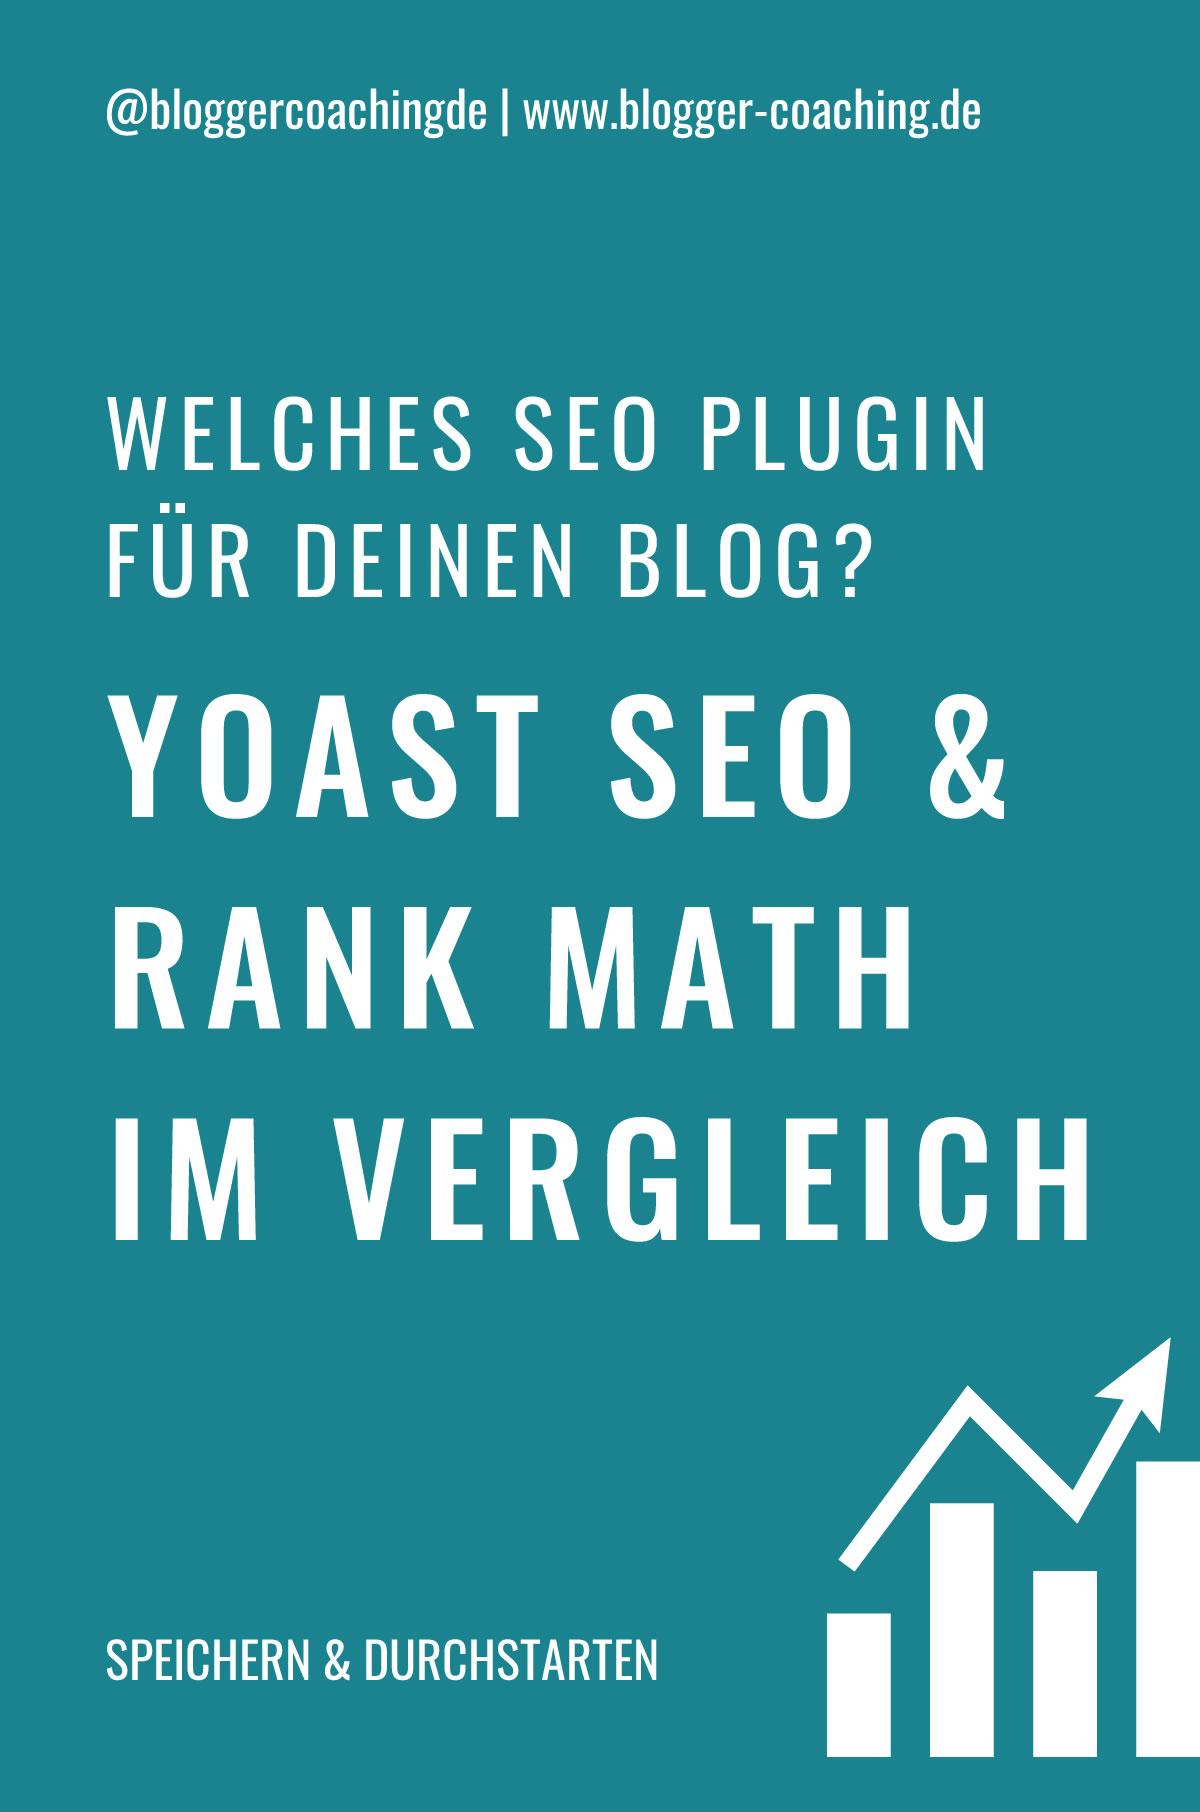 WordPress SEO Plugins: YOAST SEO und Rank Math im Vergleich | Blogger-Coaching.de - Erfolgreich bloggen & Geld verdienen